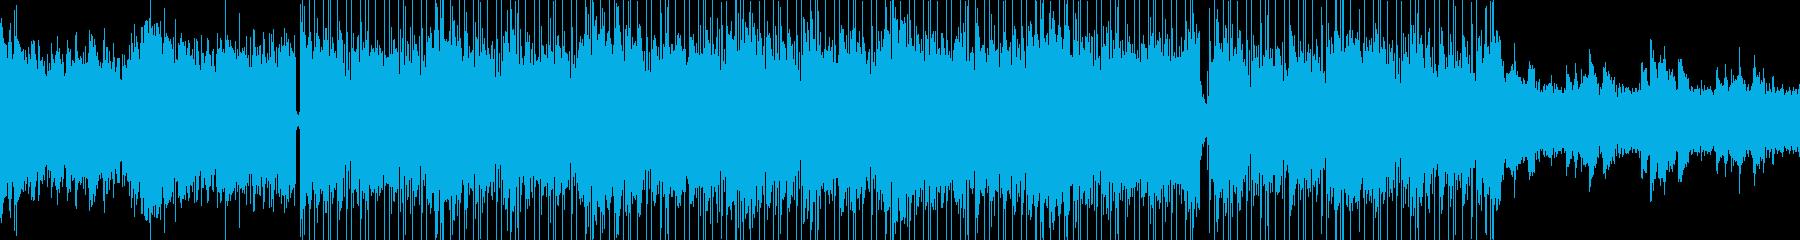 ループ仕様・トラップビート・アンビエントの再生済みの波形